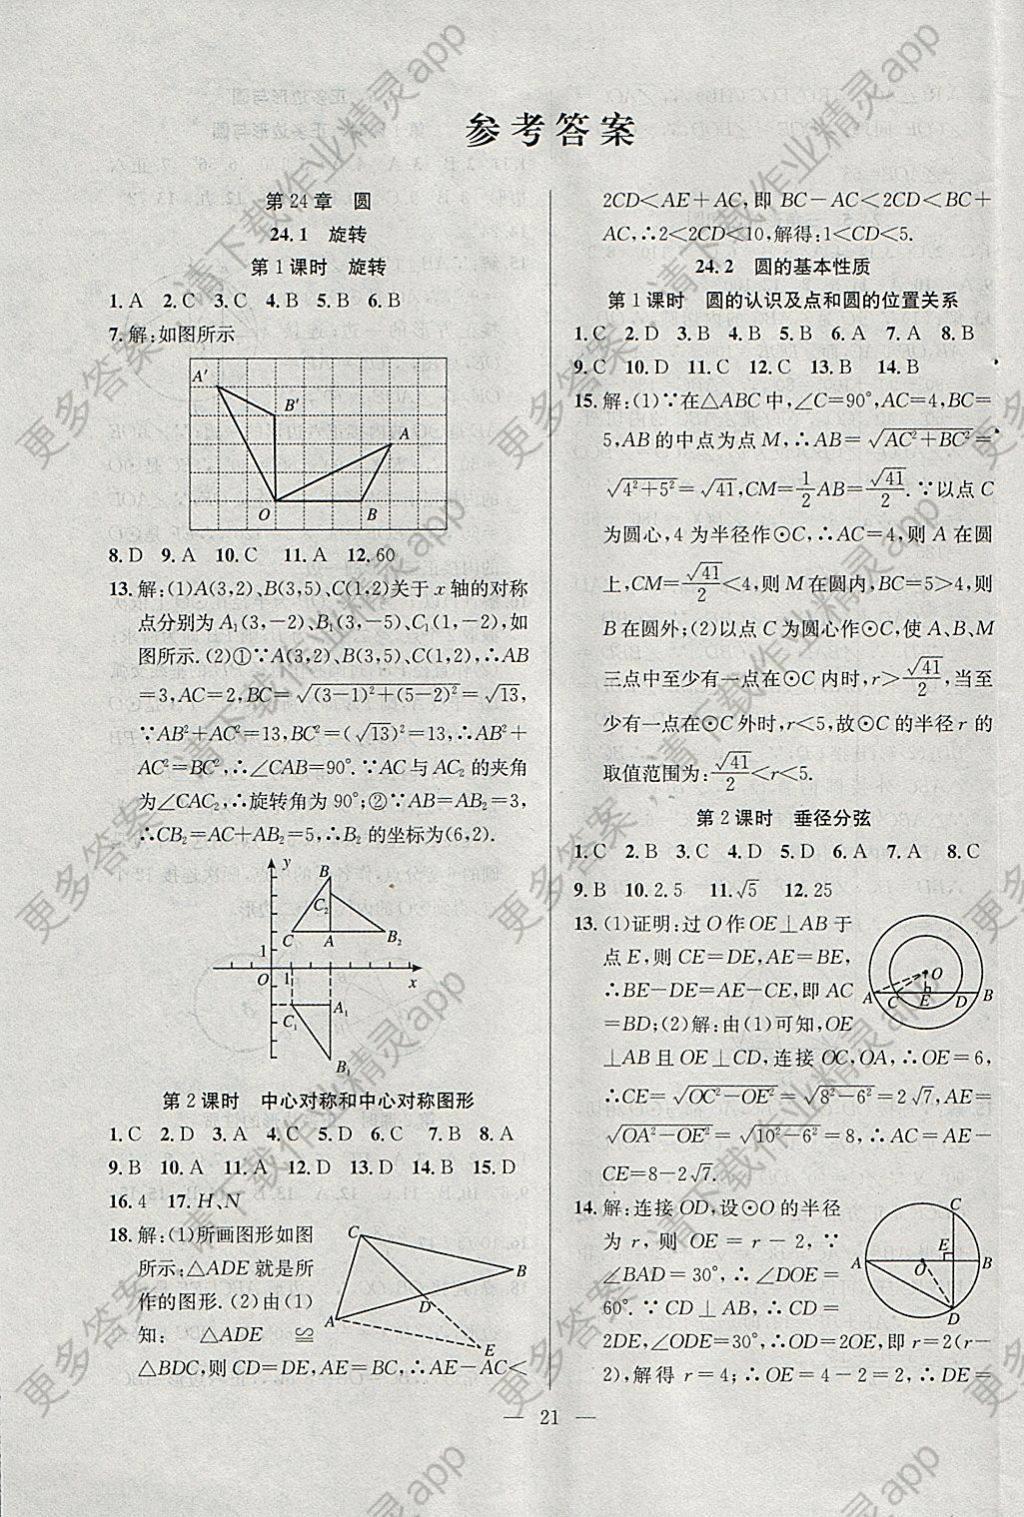 2018年全频道同步课时作业九年级数学下册沪科版 参考答案第1页